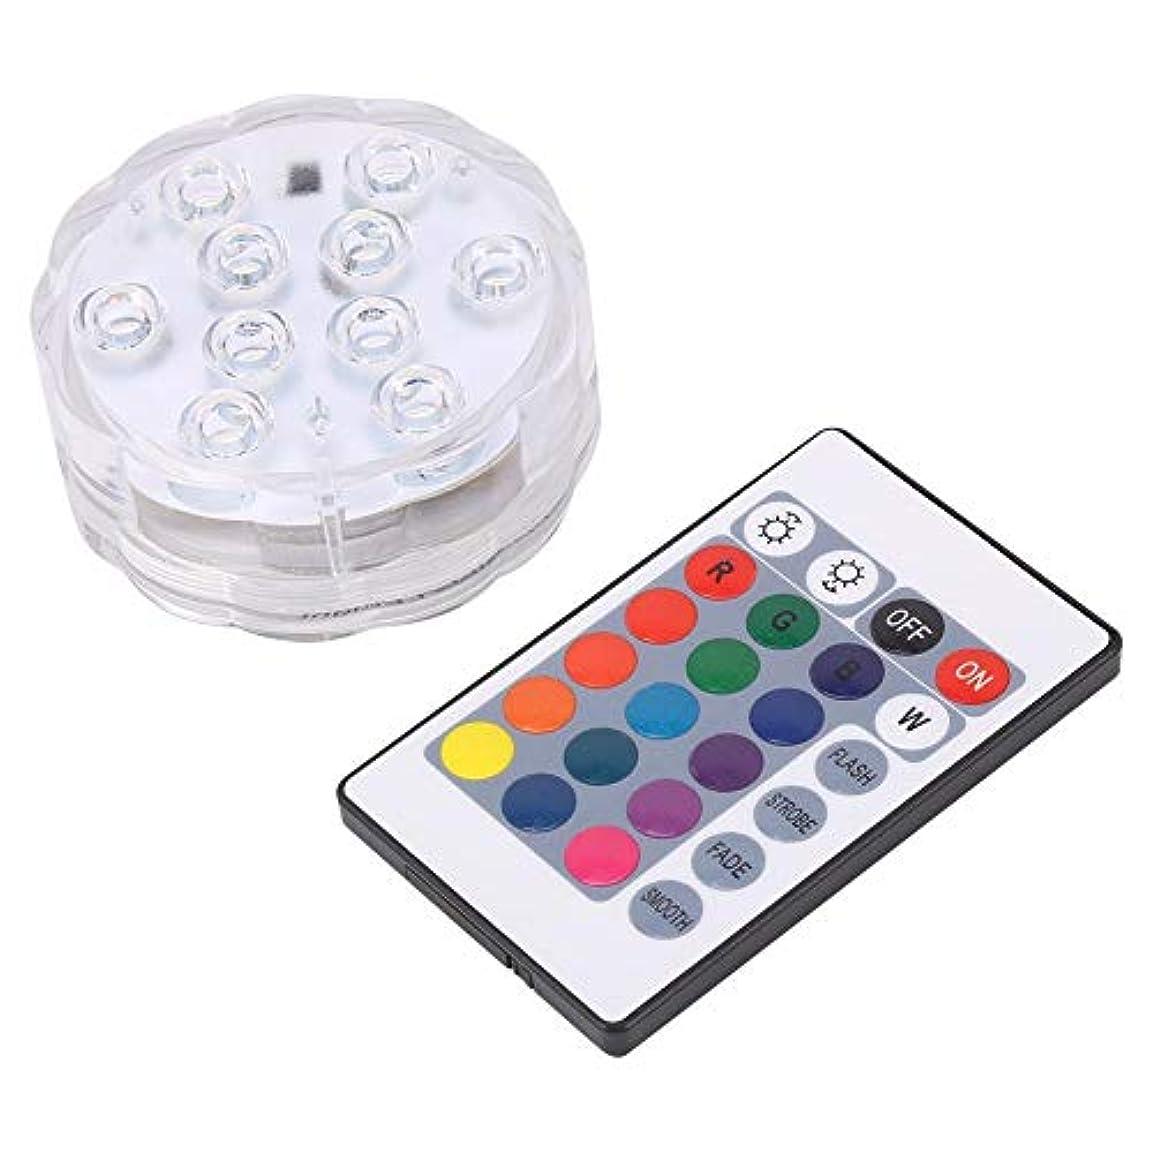 バルブパートナーバーベキュー潜水可能 RGB LEDティーライトを変更する 花瓶 ウェディングパーティー 複数色の防水 花ランプ バッテリー魚タンク 装飾